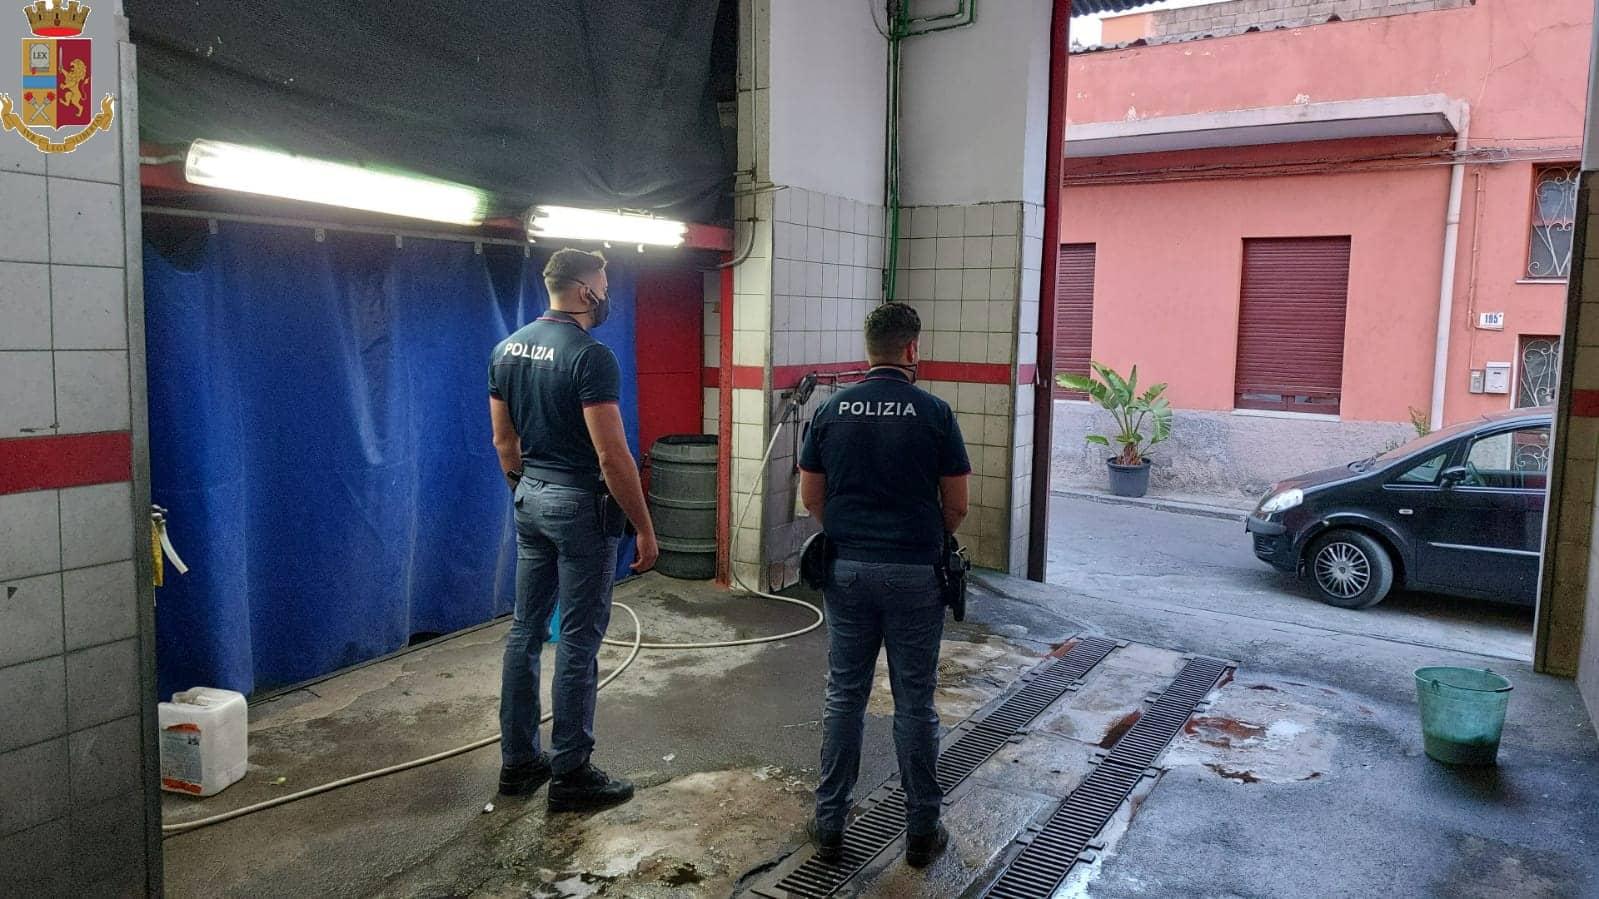 Catania, lavoratori sfruttati e in nero: blitz in attività di autolavaggio, paghe per 2 euro l'ora – FOTO e VIDEO